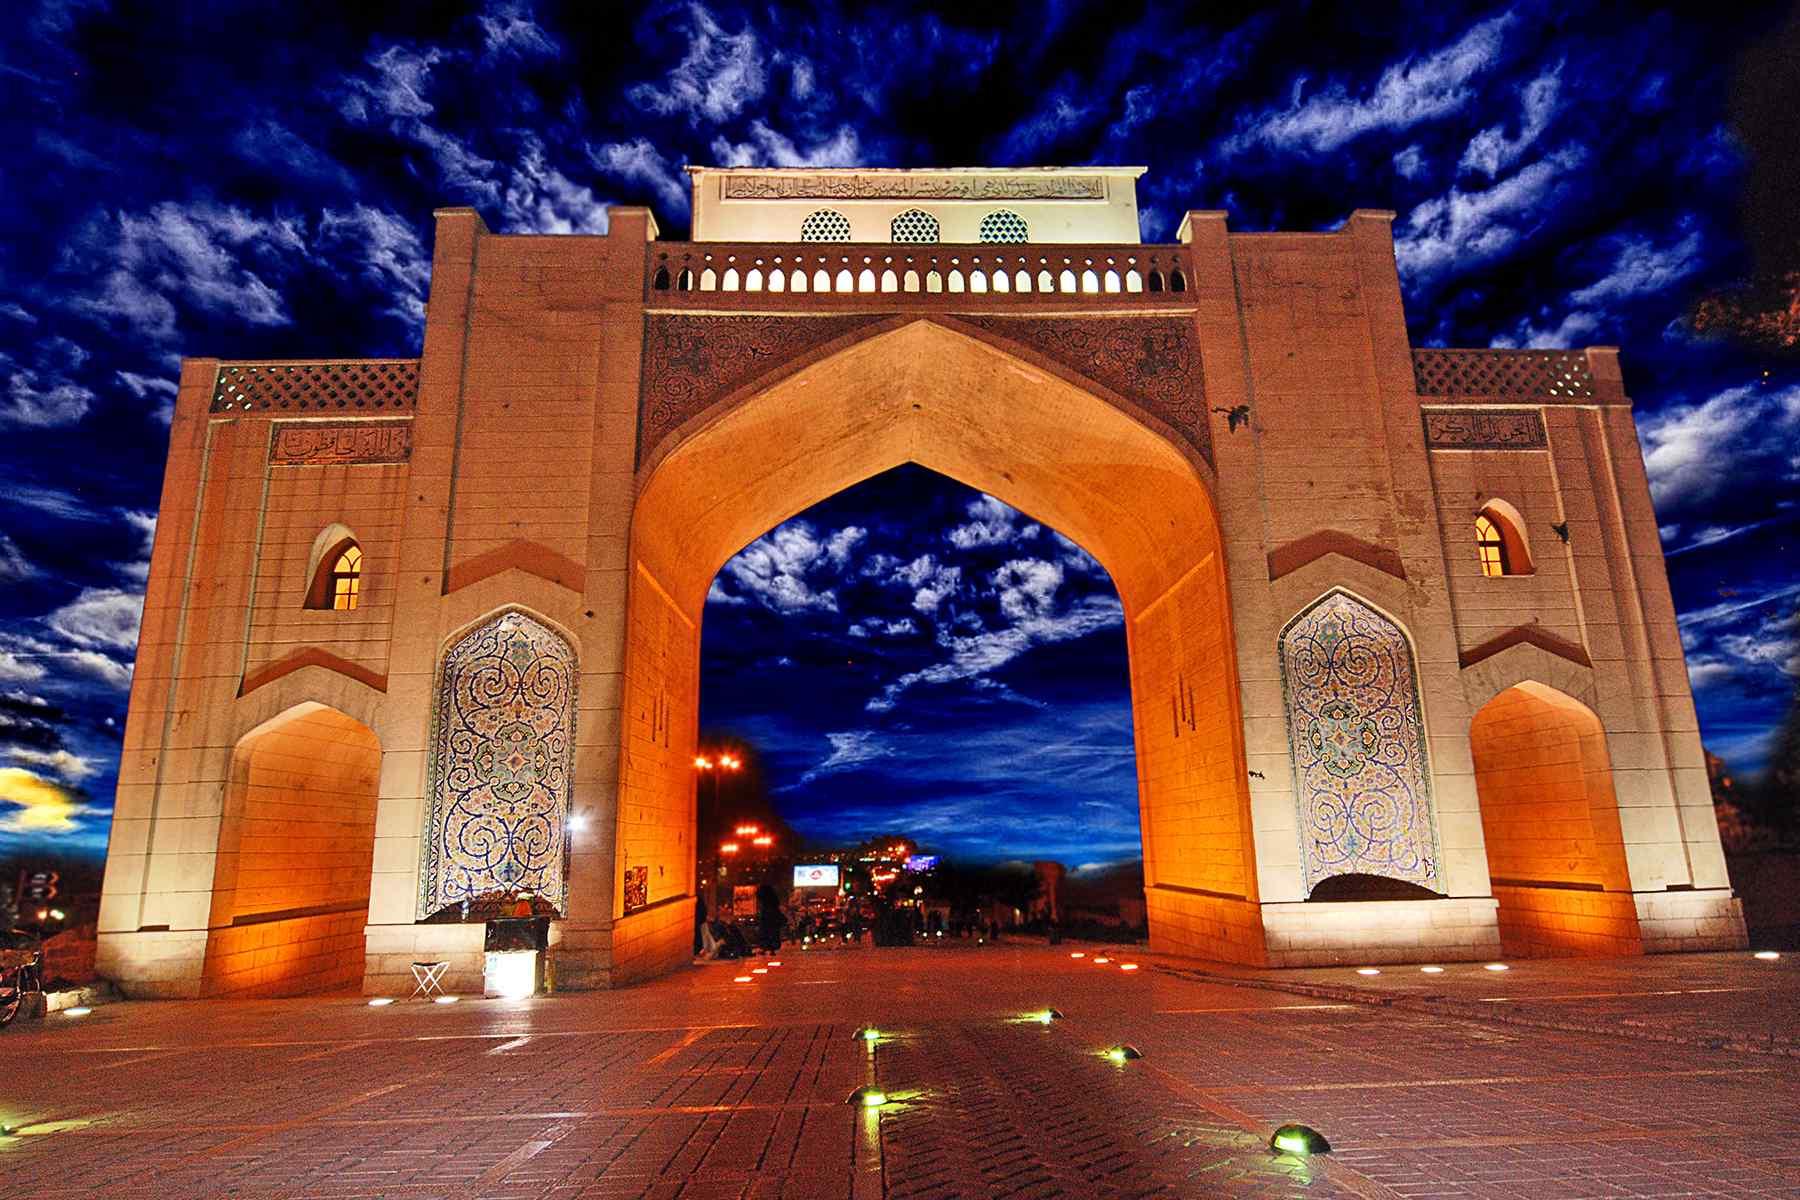 تور شیراز هوایی لحظه آخری و ارزان